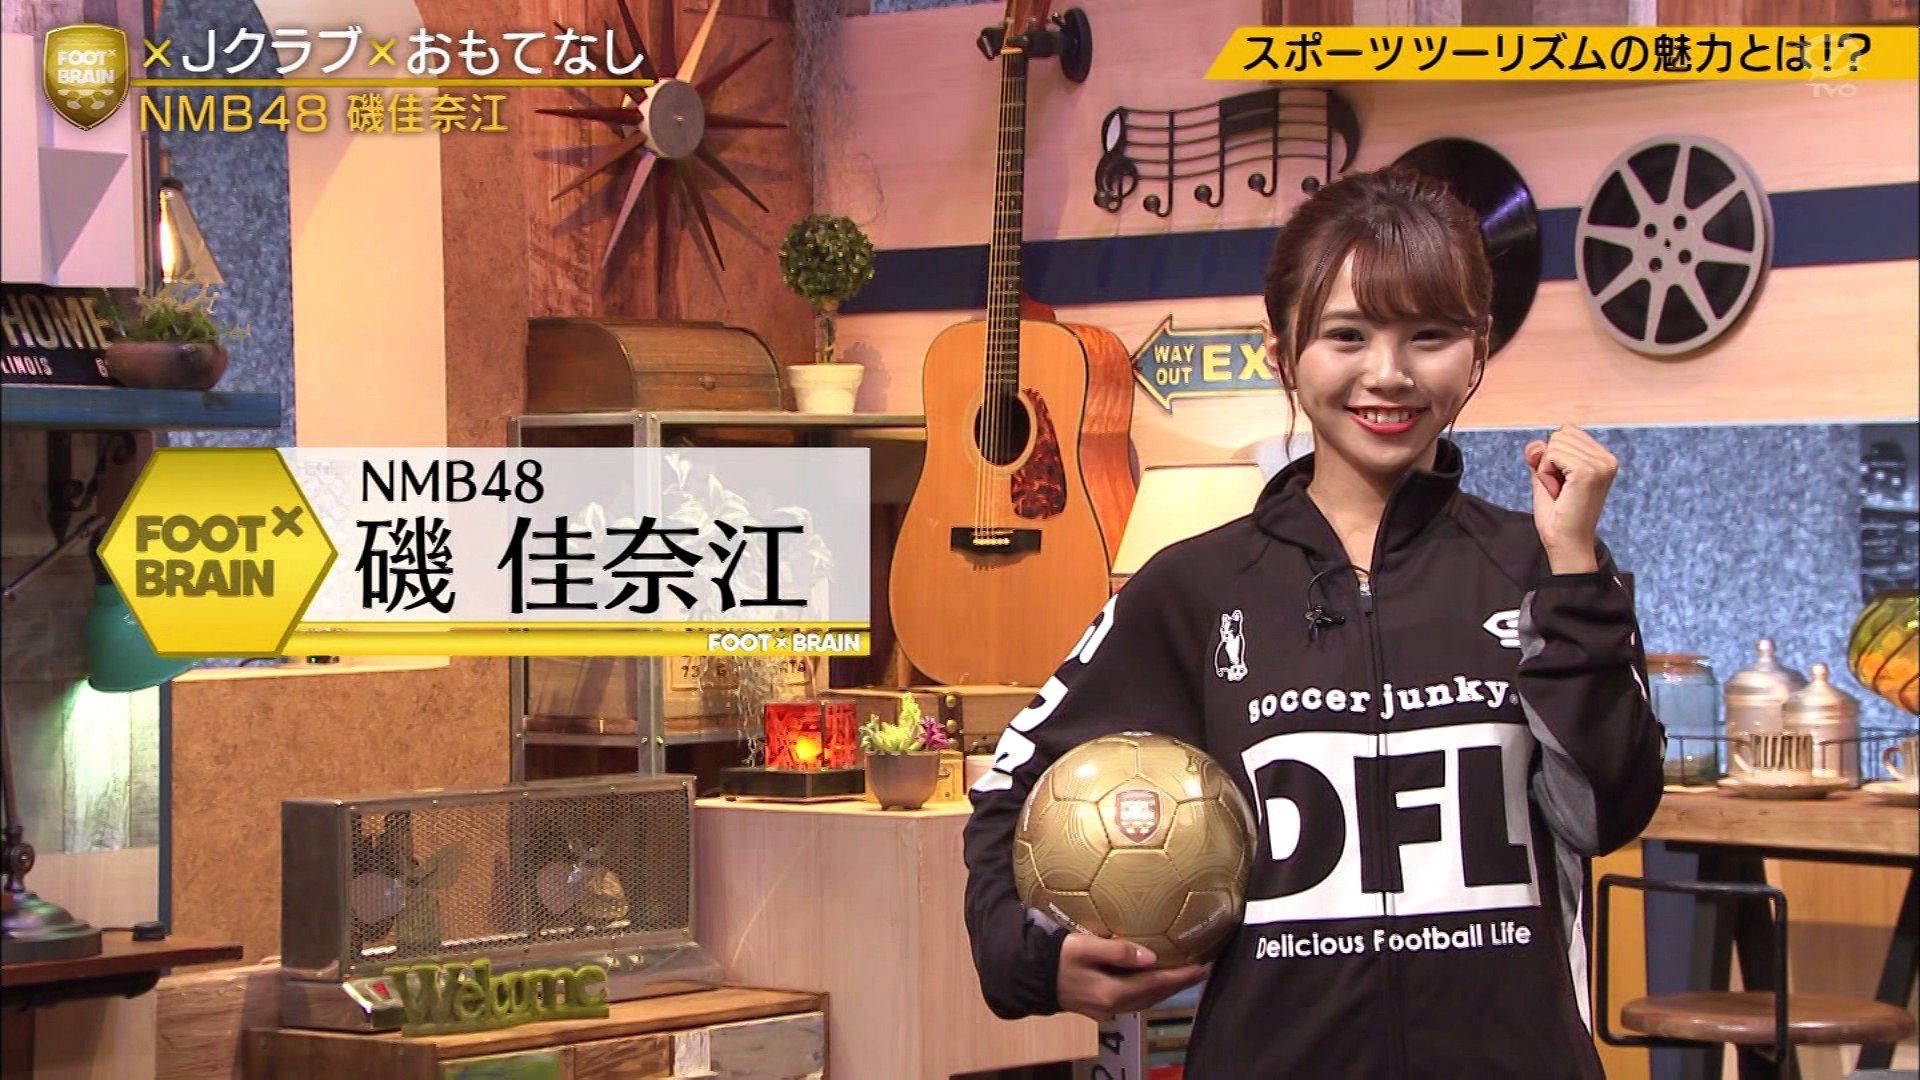 【磯佳奈江】いそちゃん出演「FOOT×BRAIN」の画像。スポーツツーリズムについて